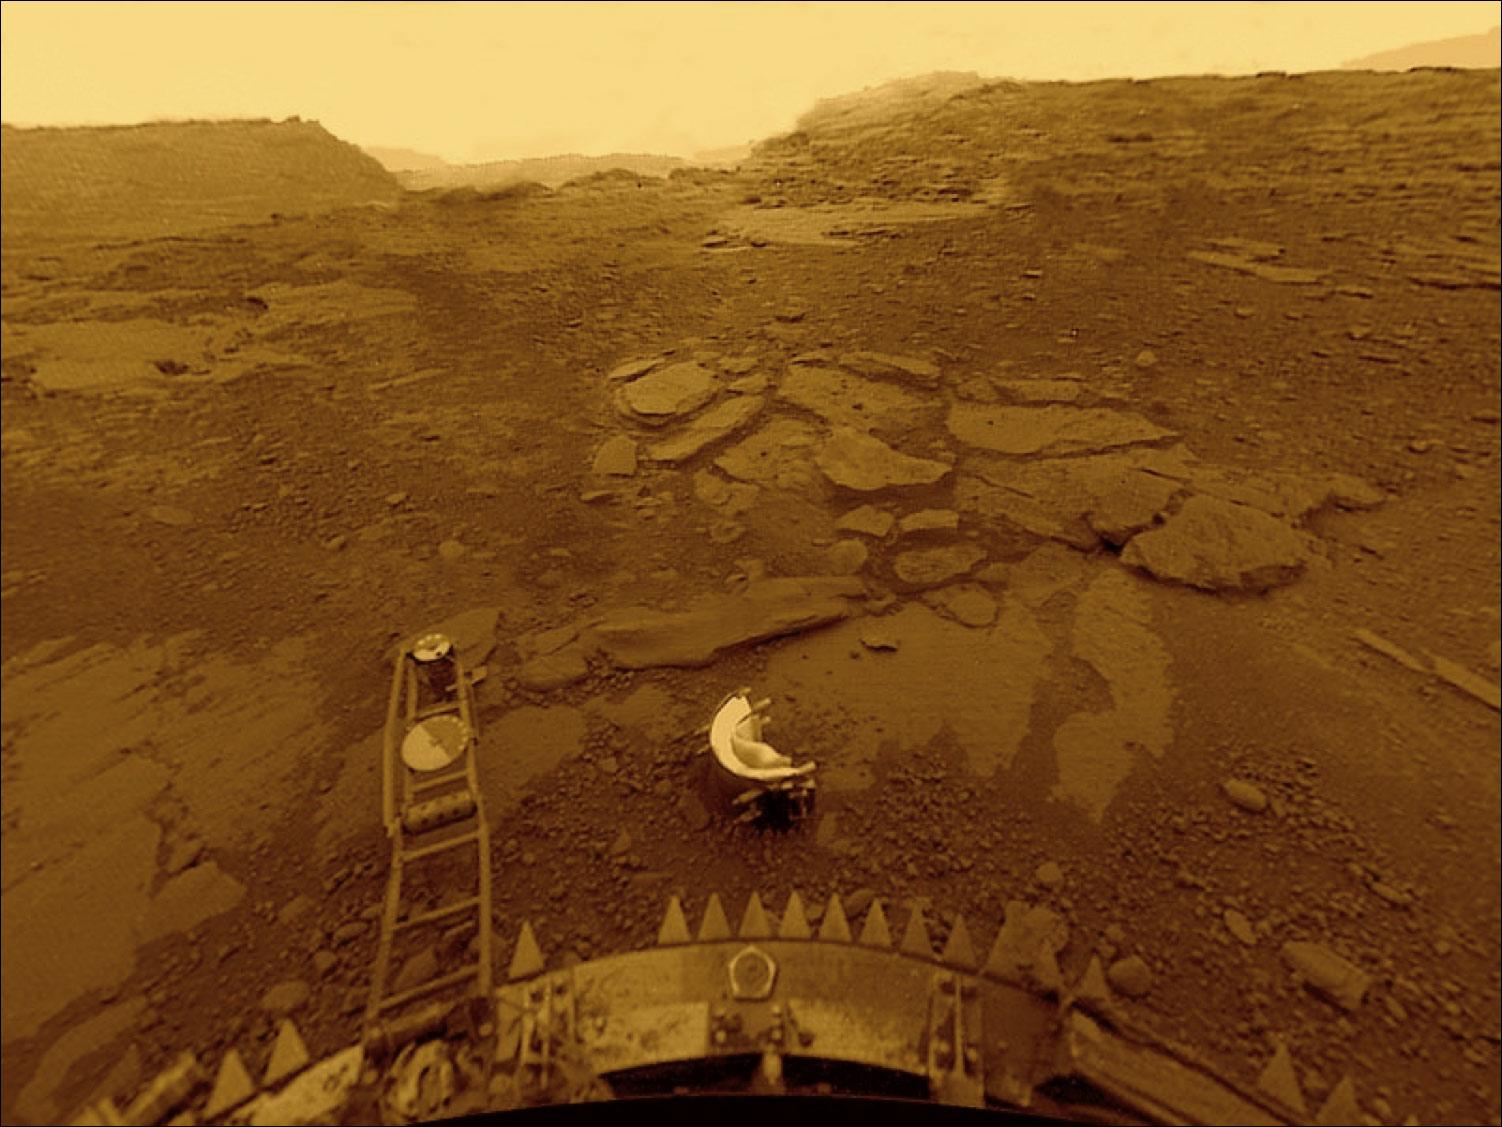 Знаменитый снимок с посадочного модуля аппарата «Венера-13» запечатлевший поверхность планеты Венера